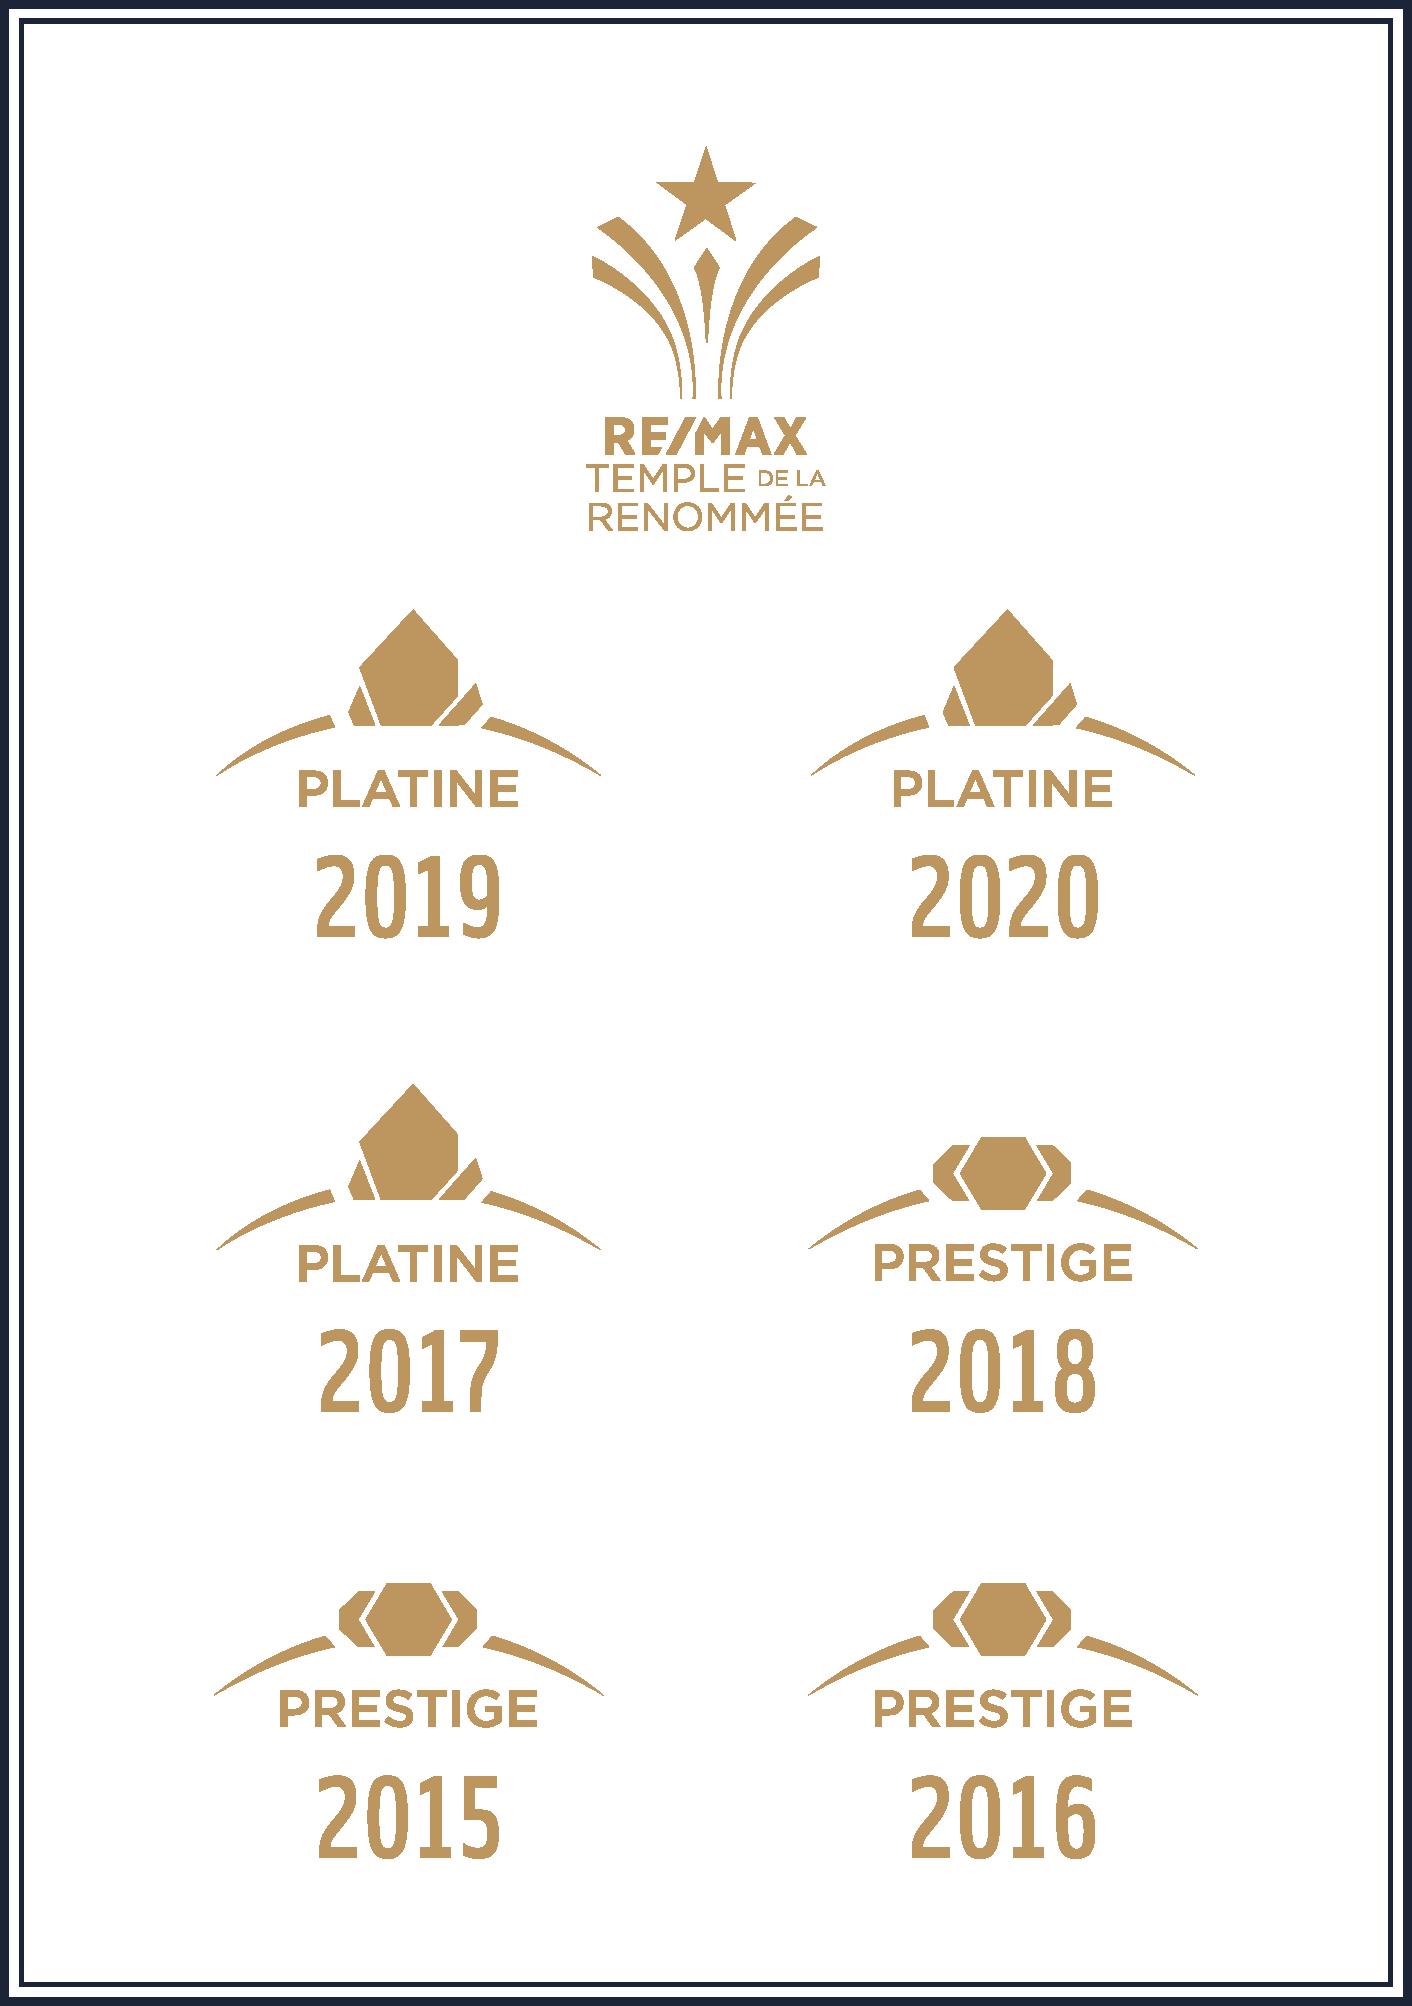 Récipiendaire de nombreux trophées  RE/MAX Québec et RE/MAX international